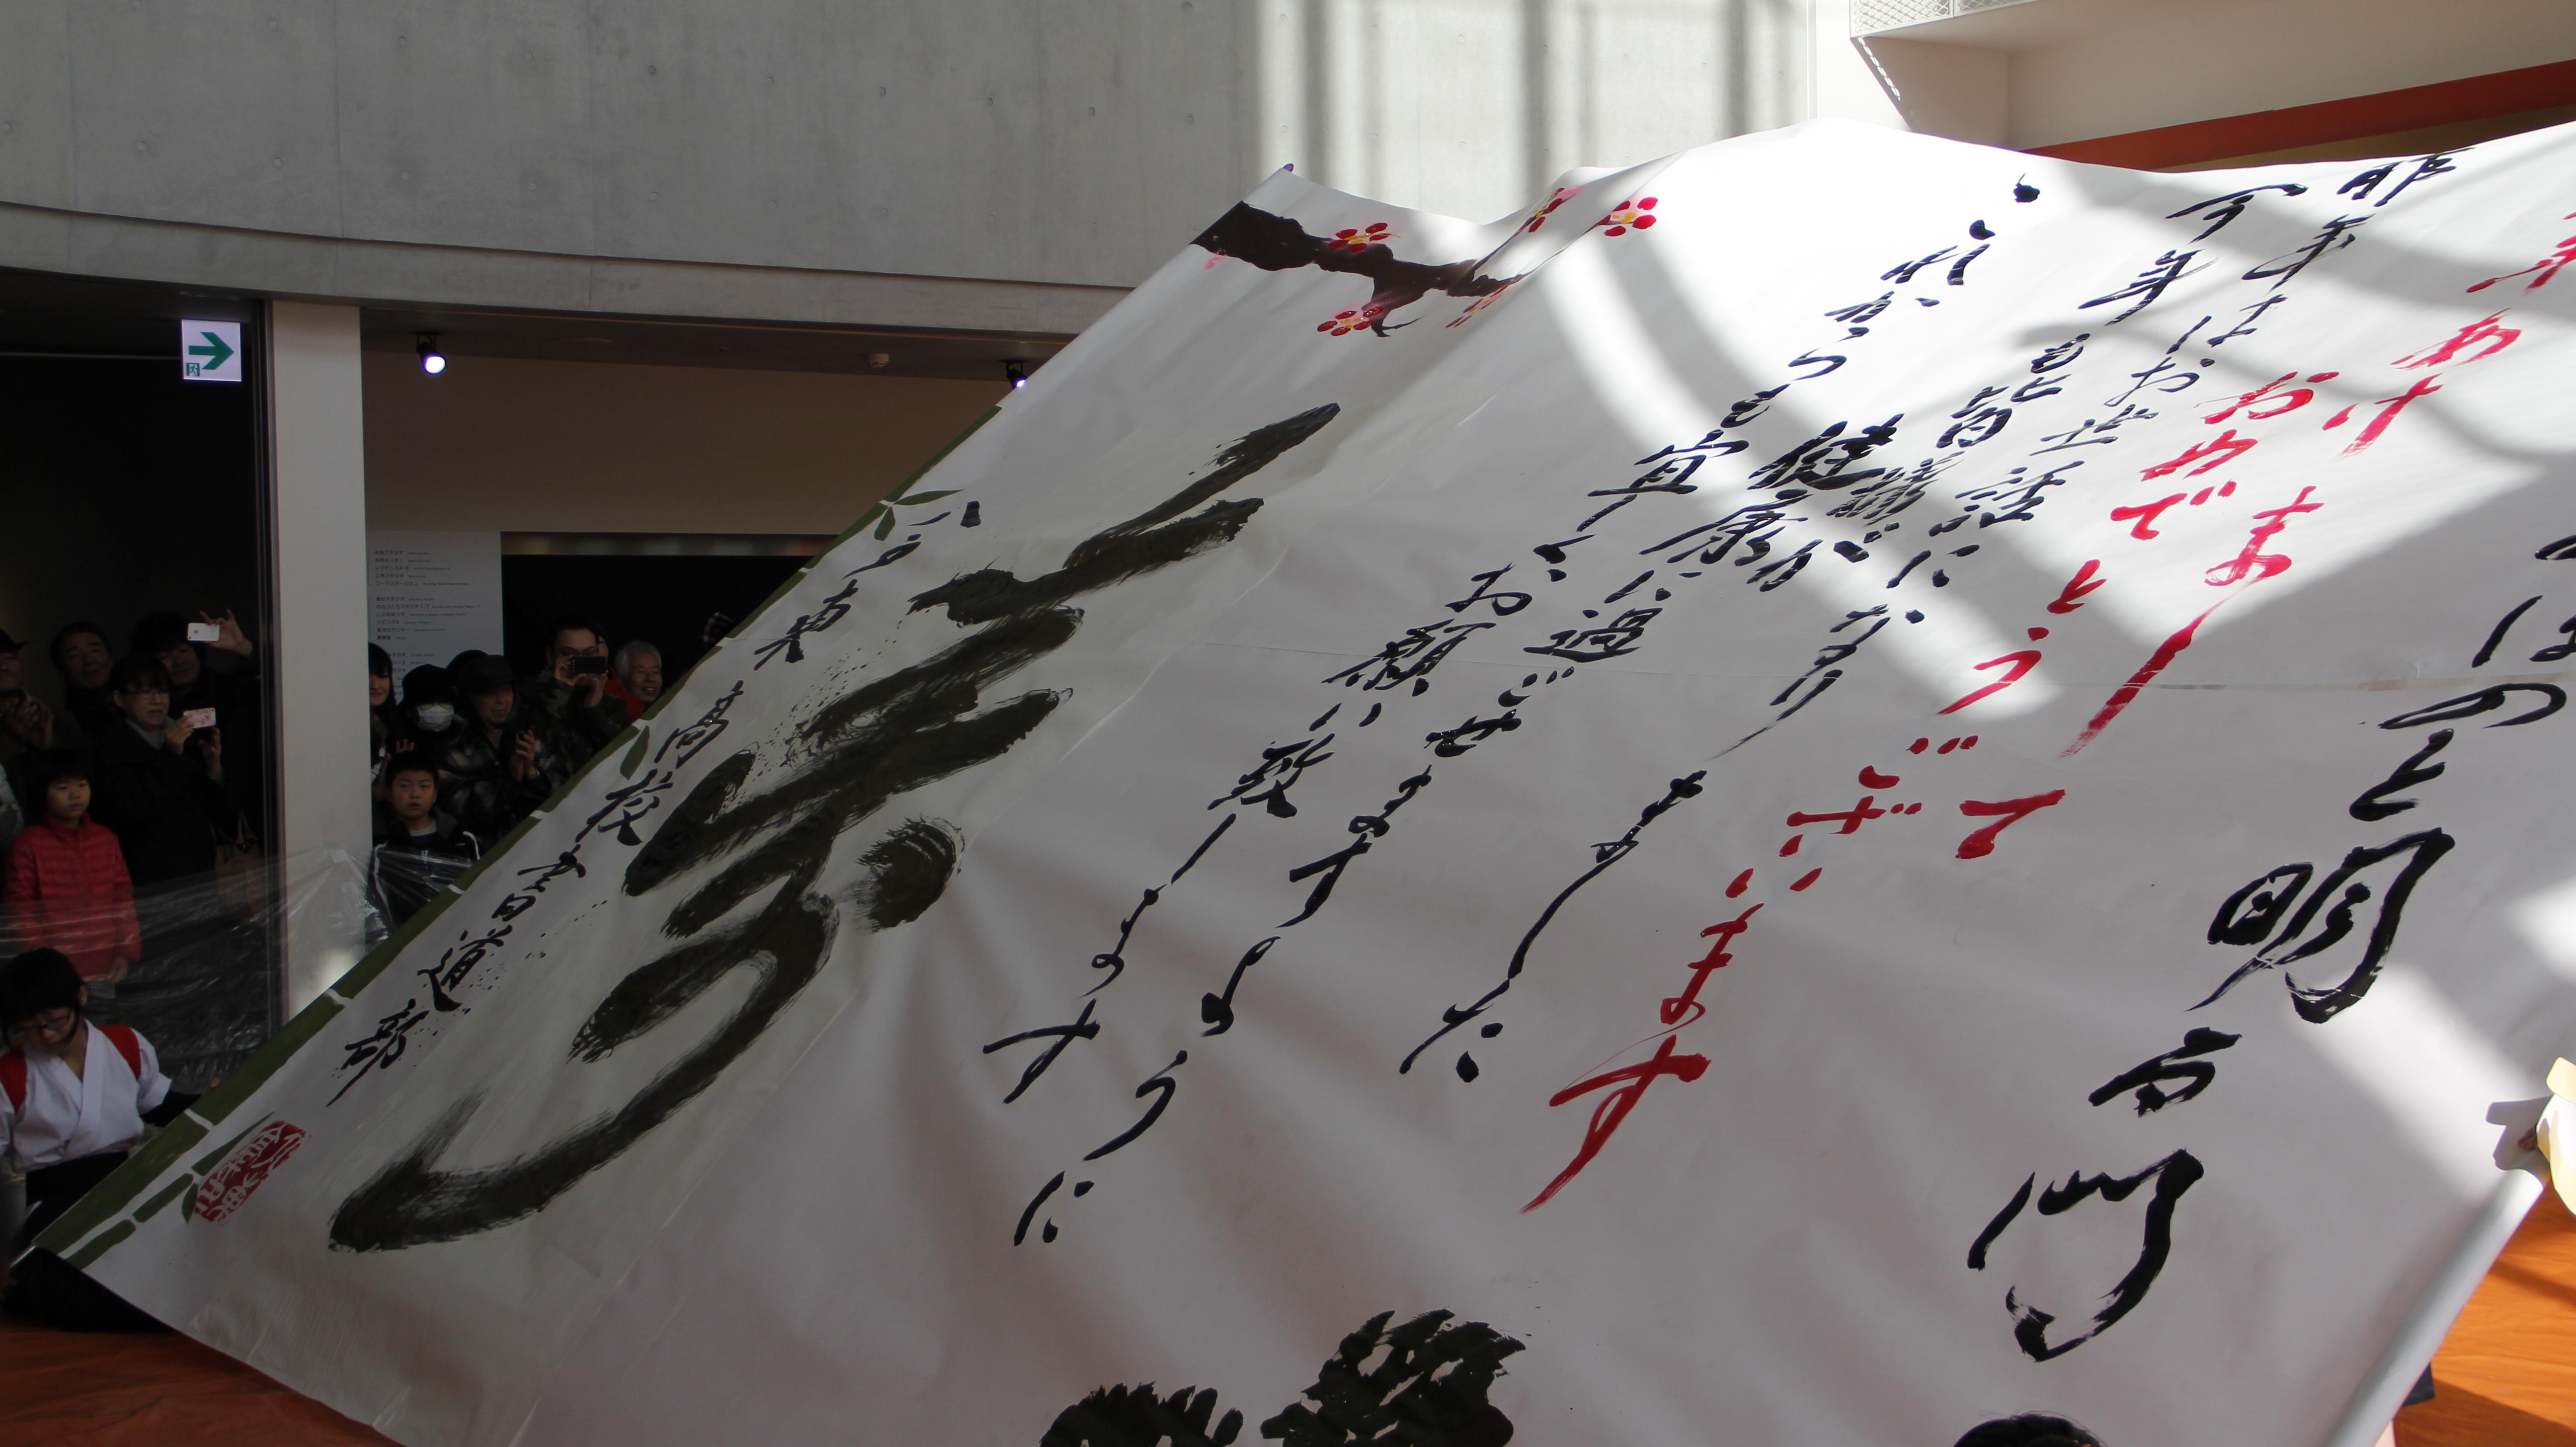 http://hacchi.jp/blog/upload/images/20140112_2.JPG